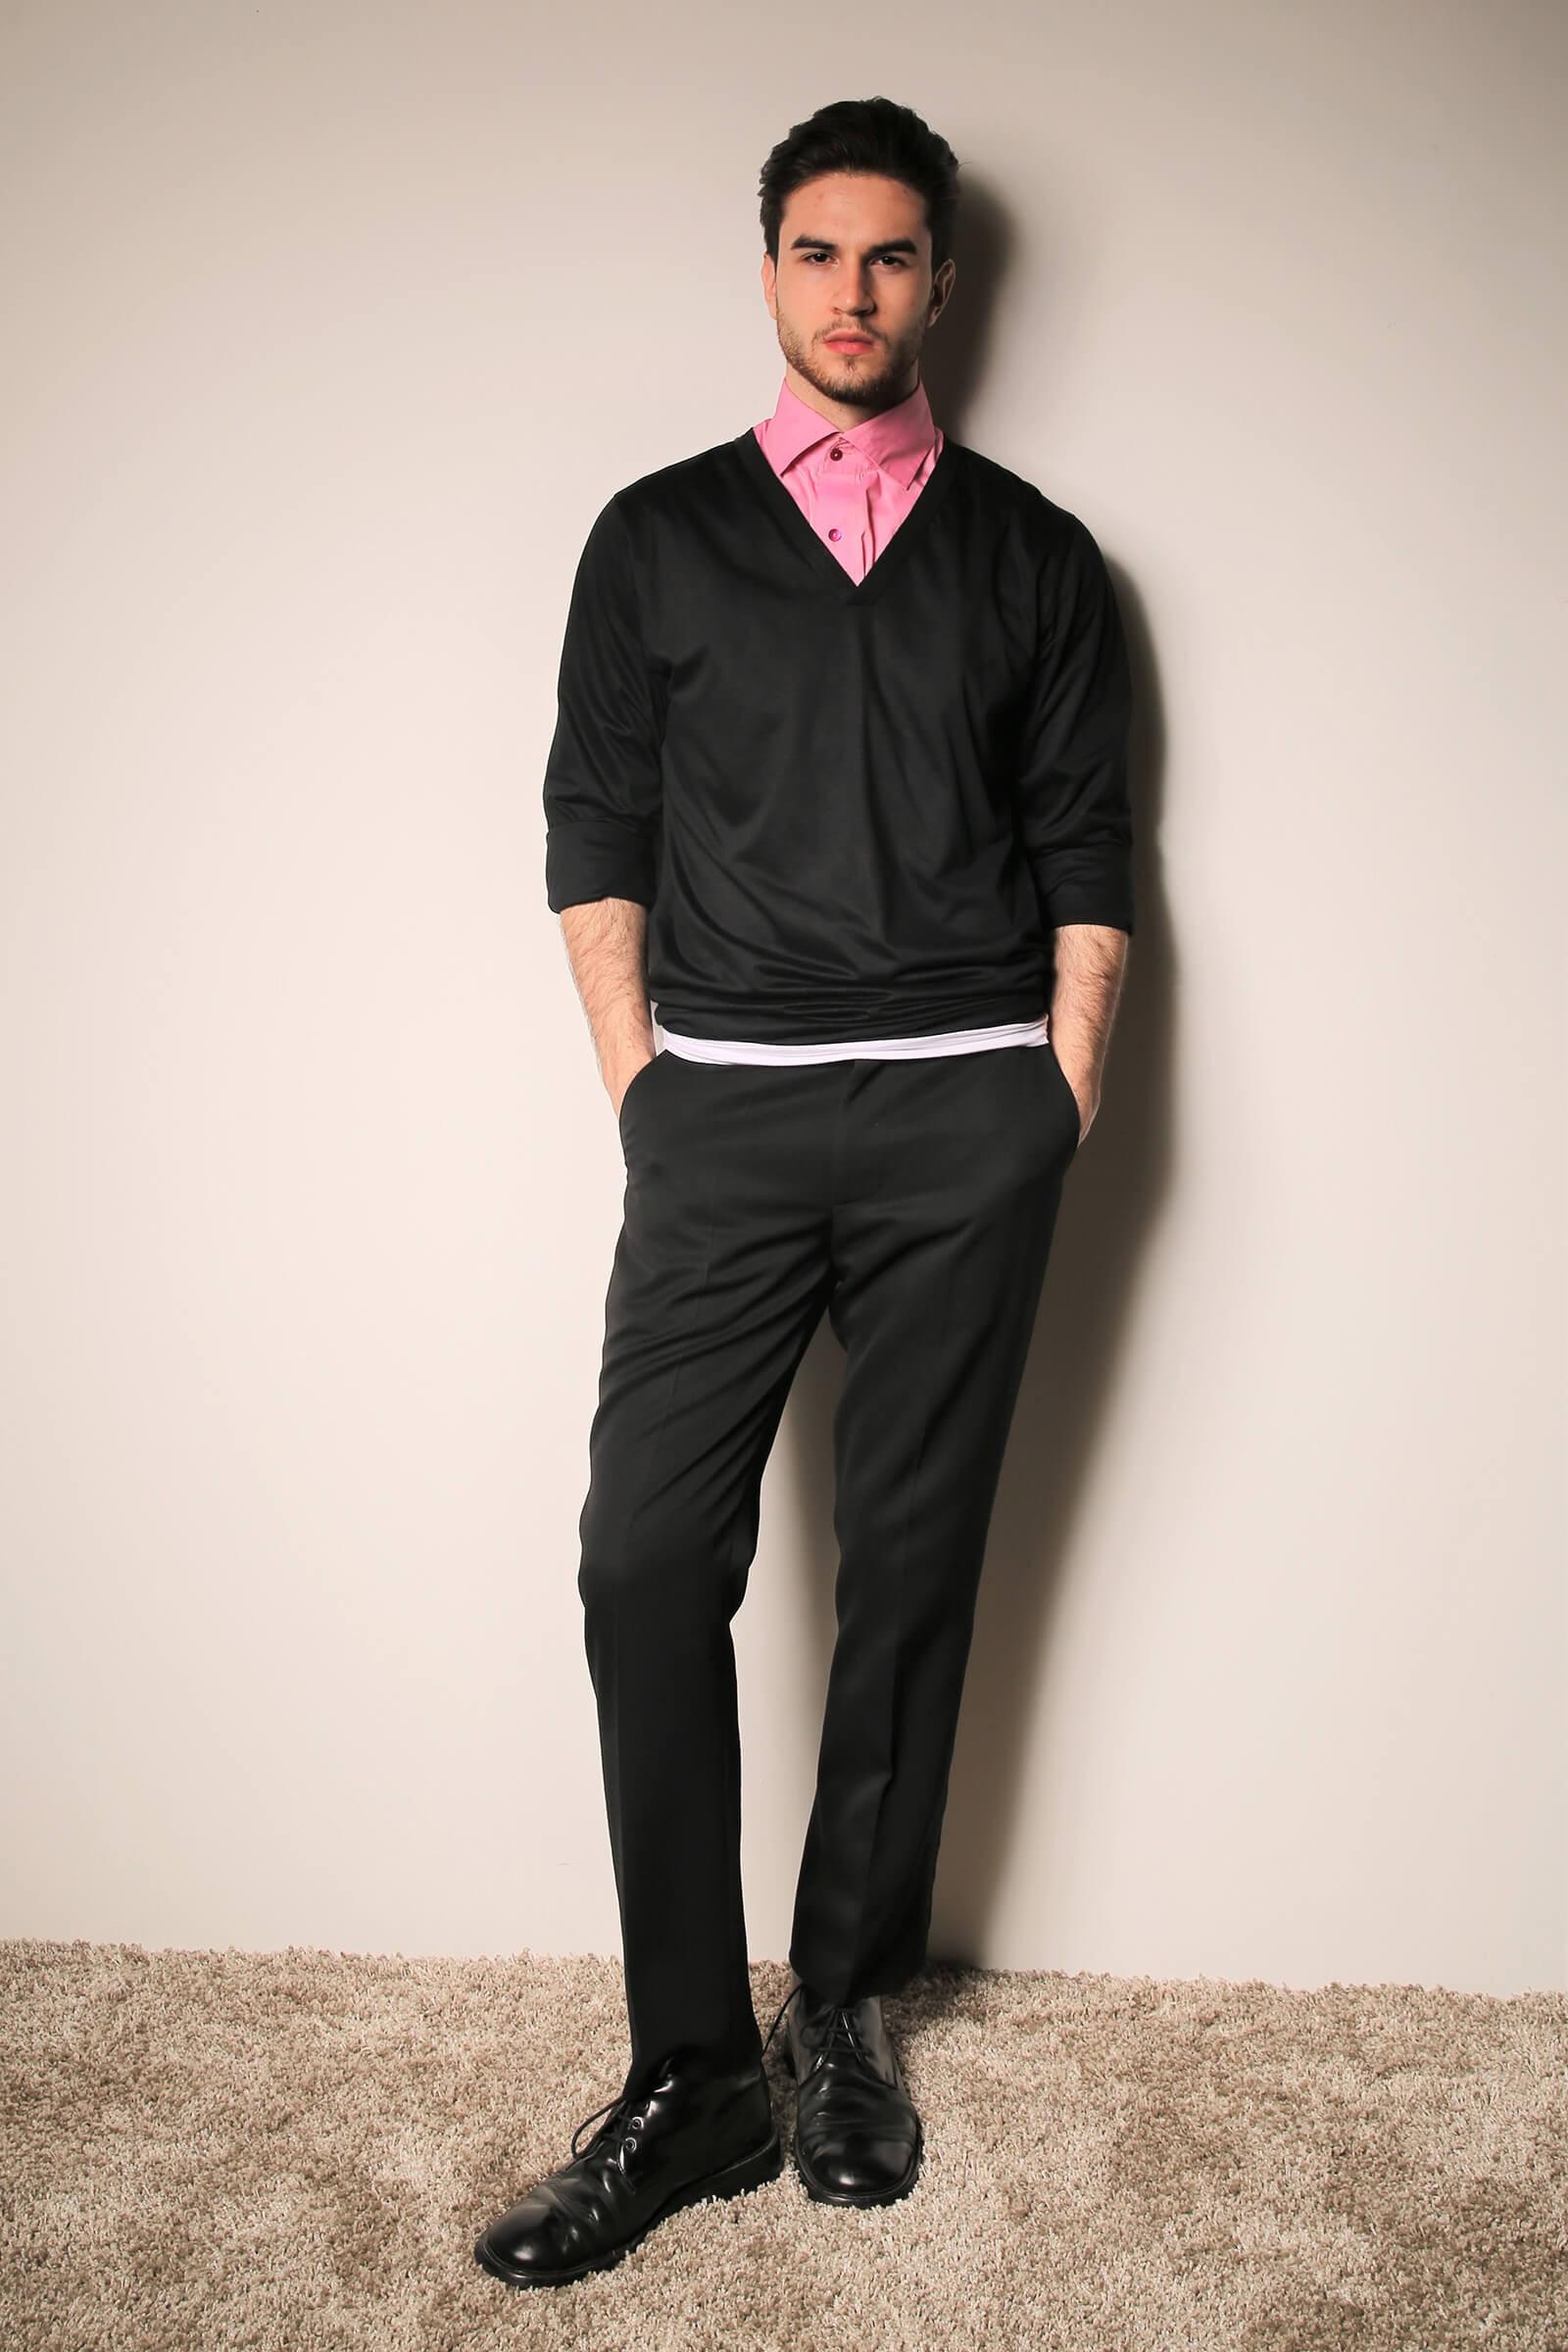 Pantalon negru cu vipusca...